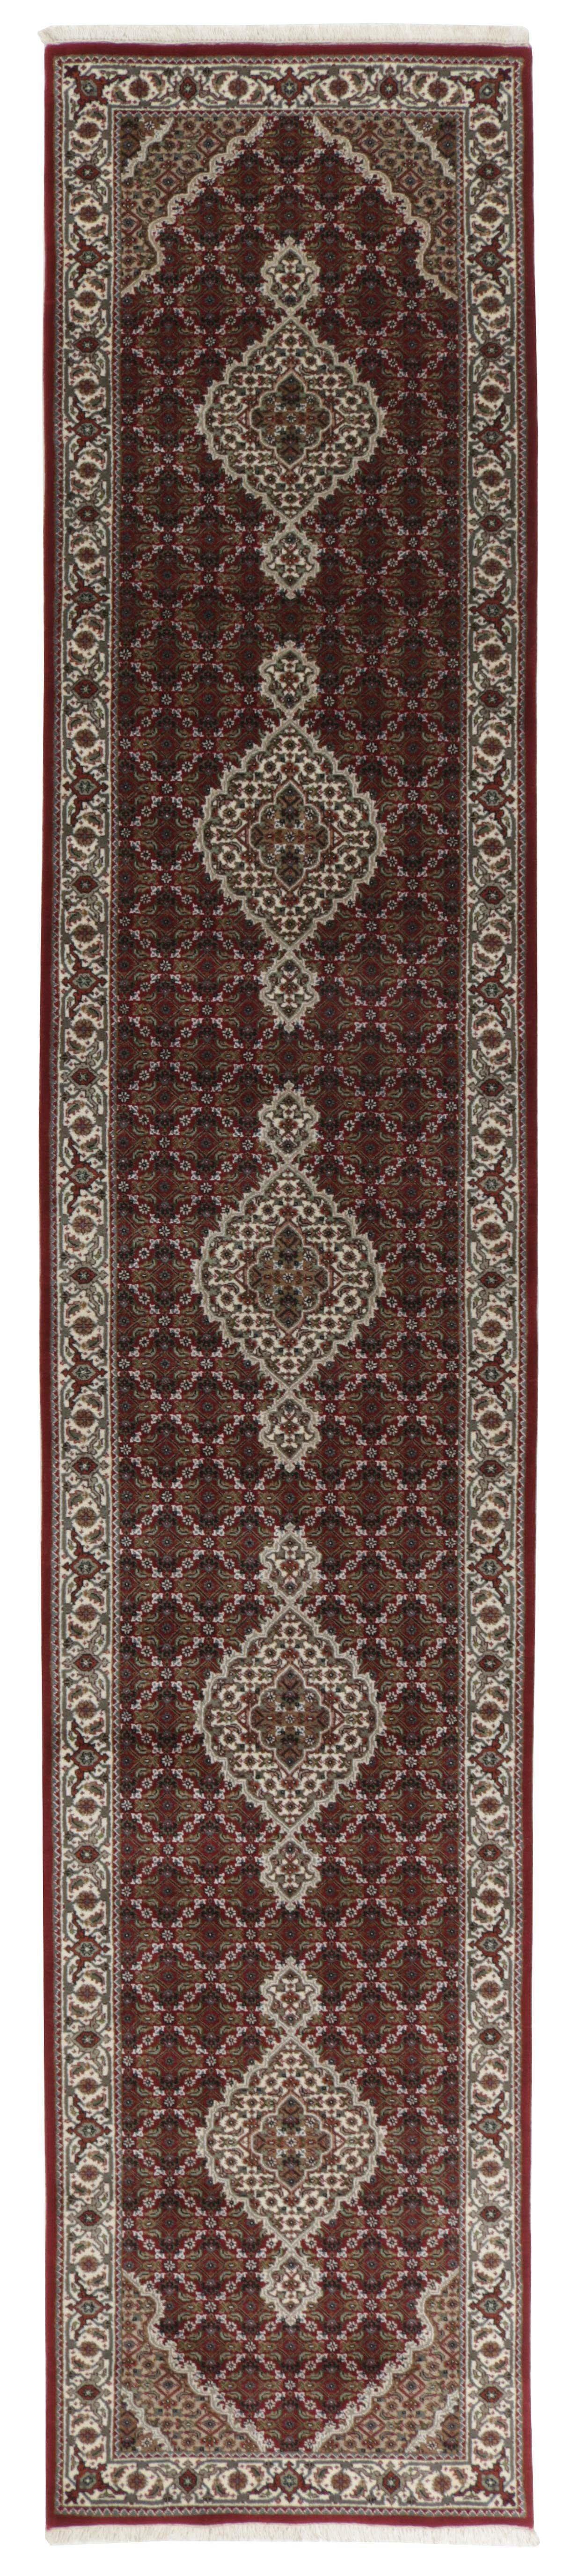 Indien Tabriz Indi 82x434 1293706